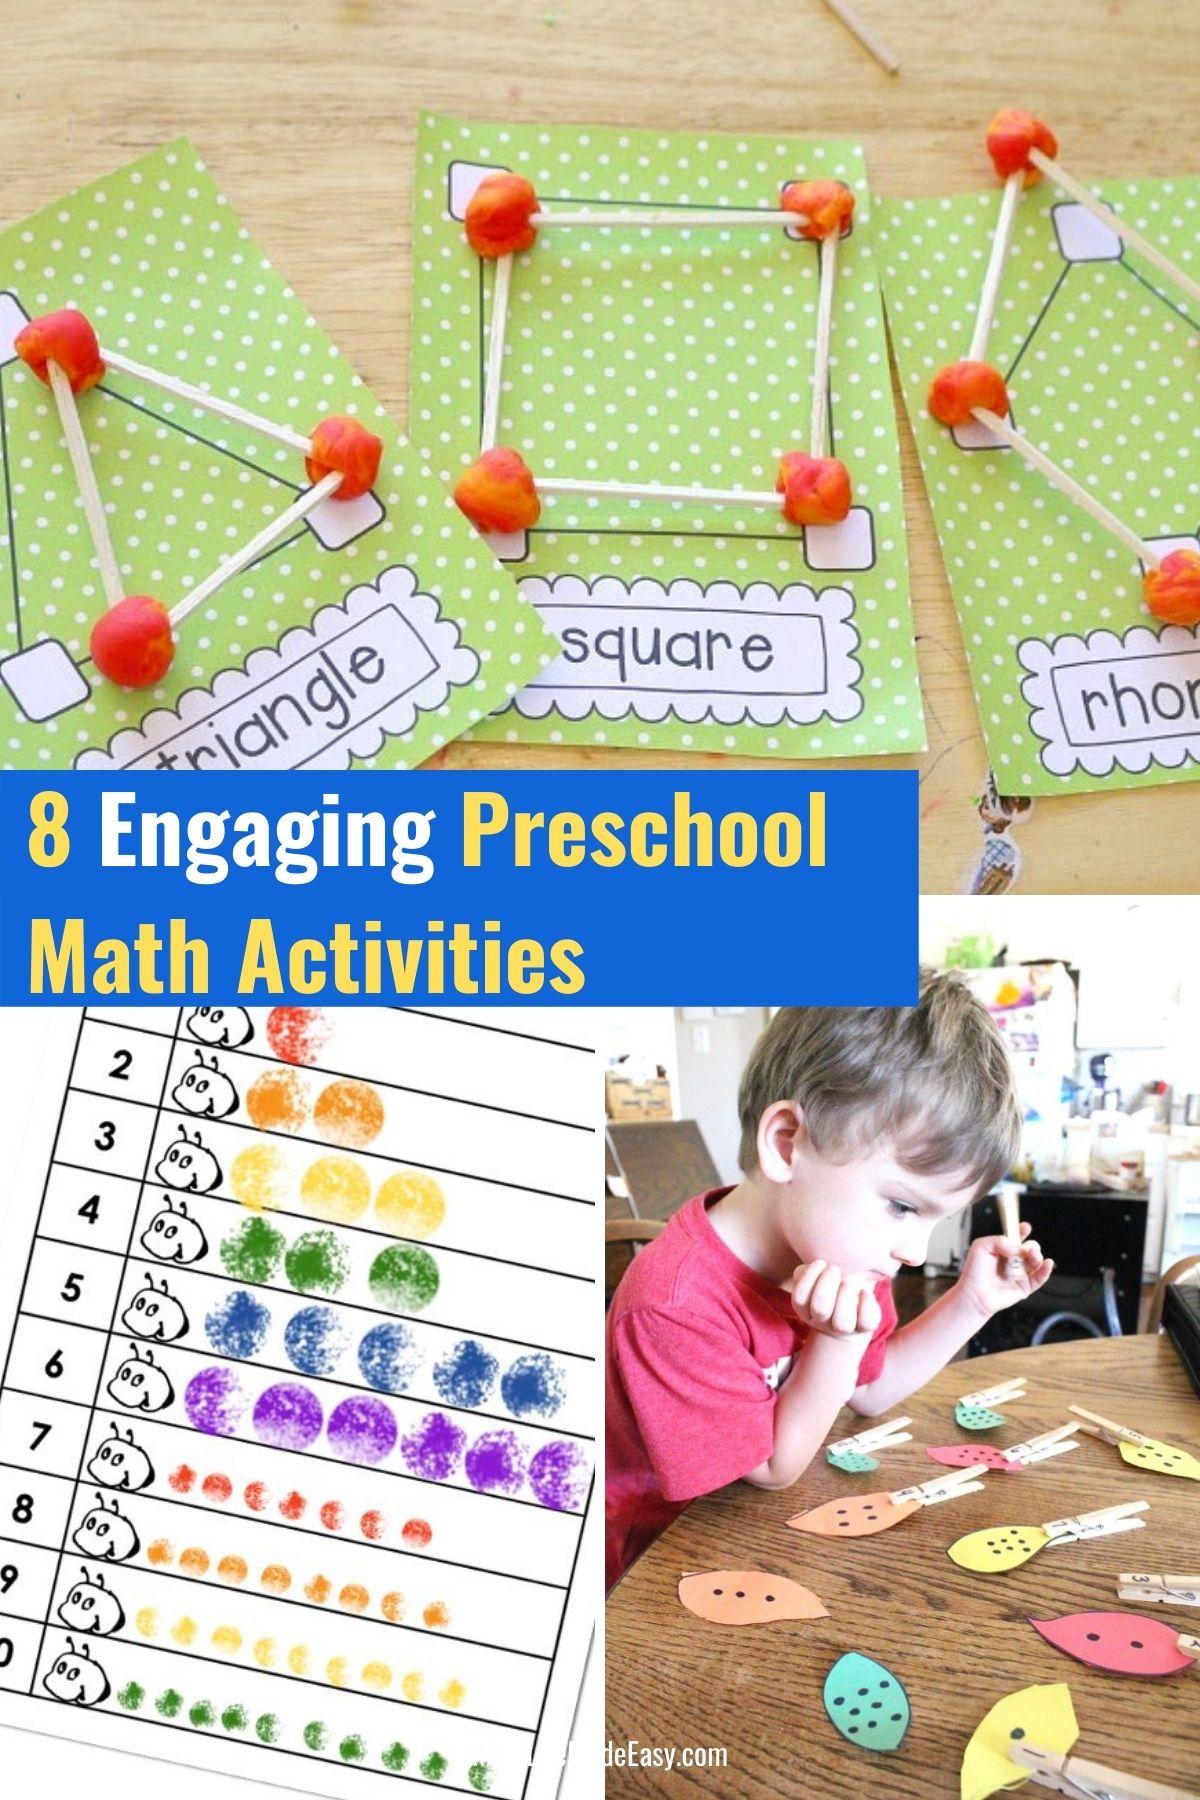 preschool math activities collage featuring kids enjoying various hands on activities